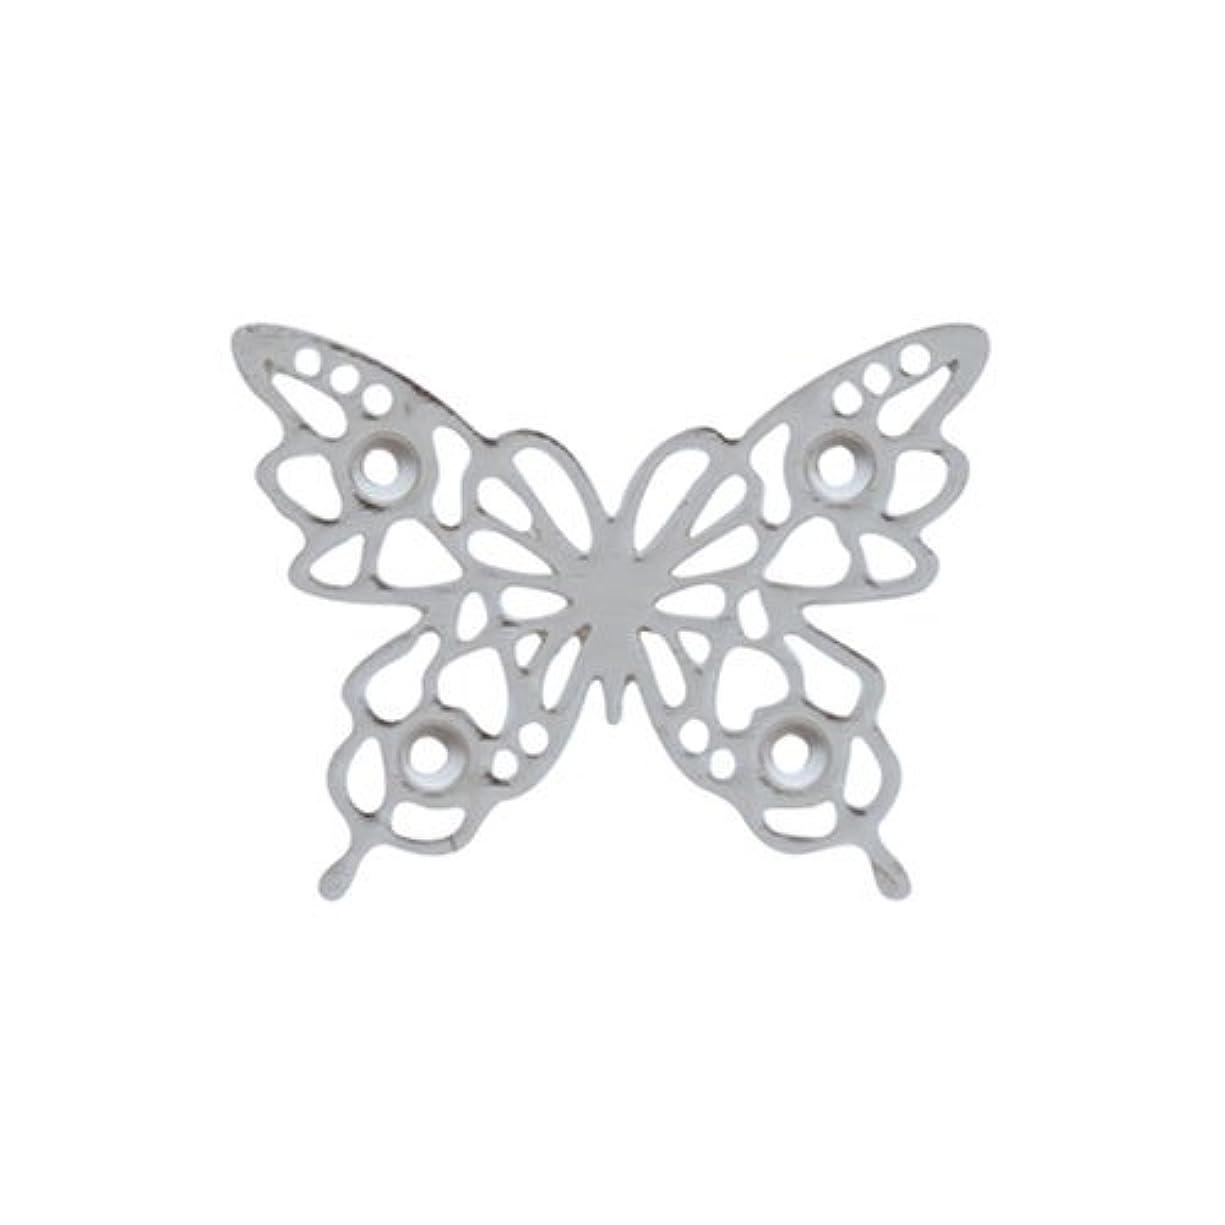 収束する分解する心臓リトルプリティー ネイルアートパーツ チョウレースS シルバー 10個